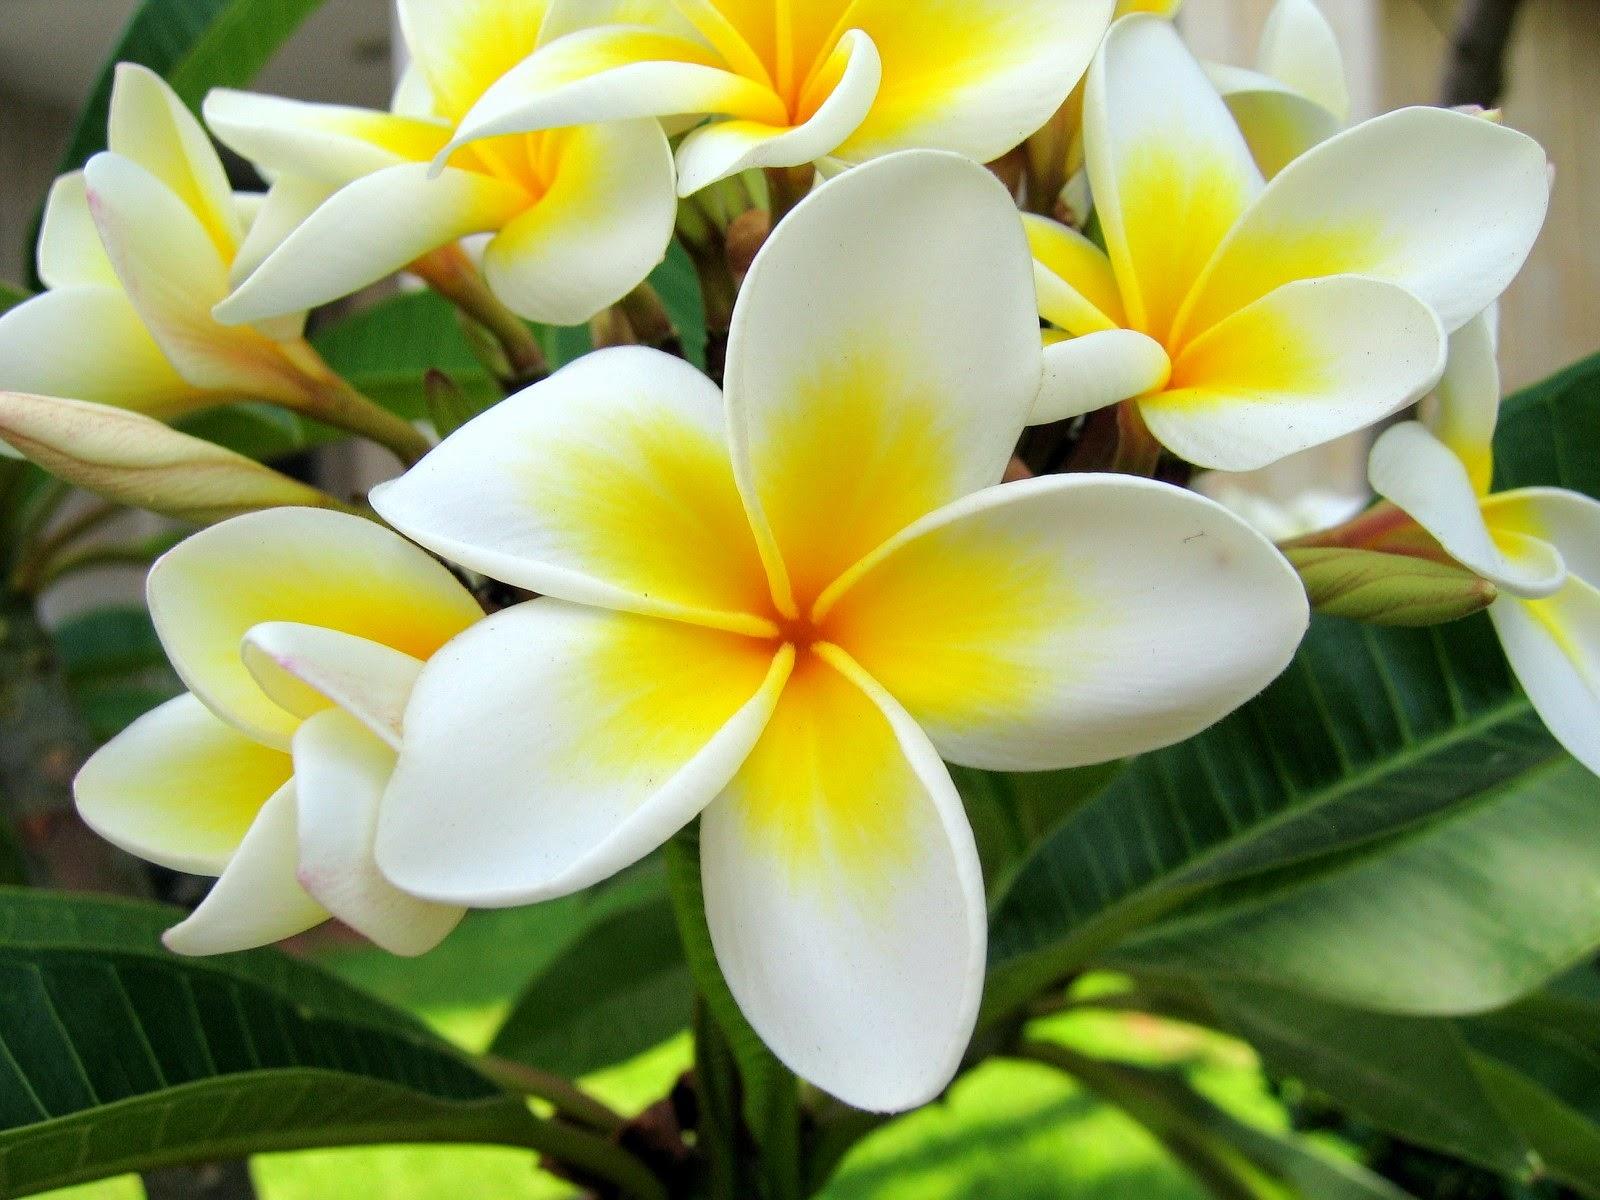 Khasiat Bunga Kamboja untuk Kesehatan